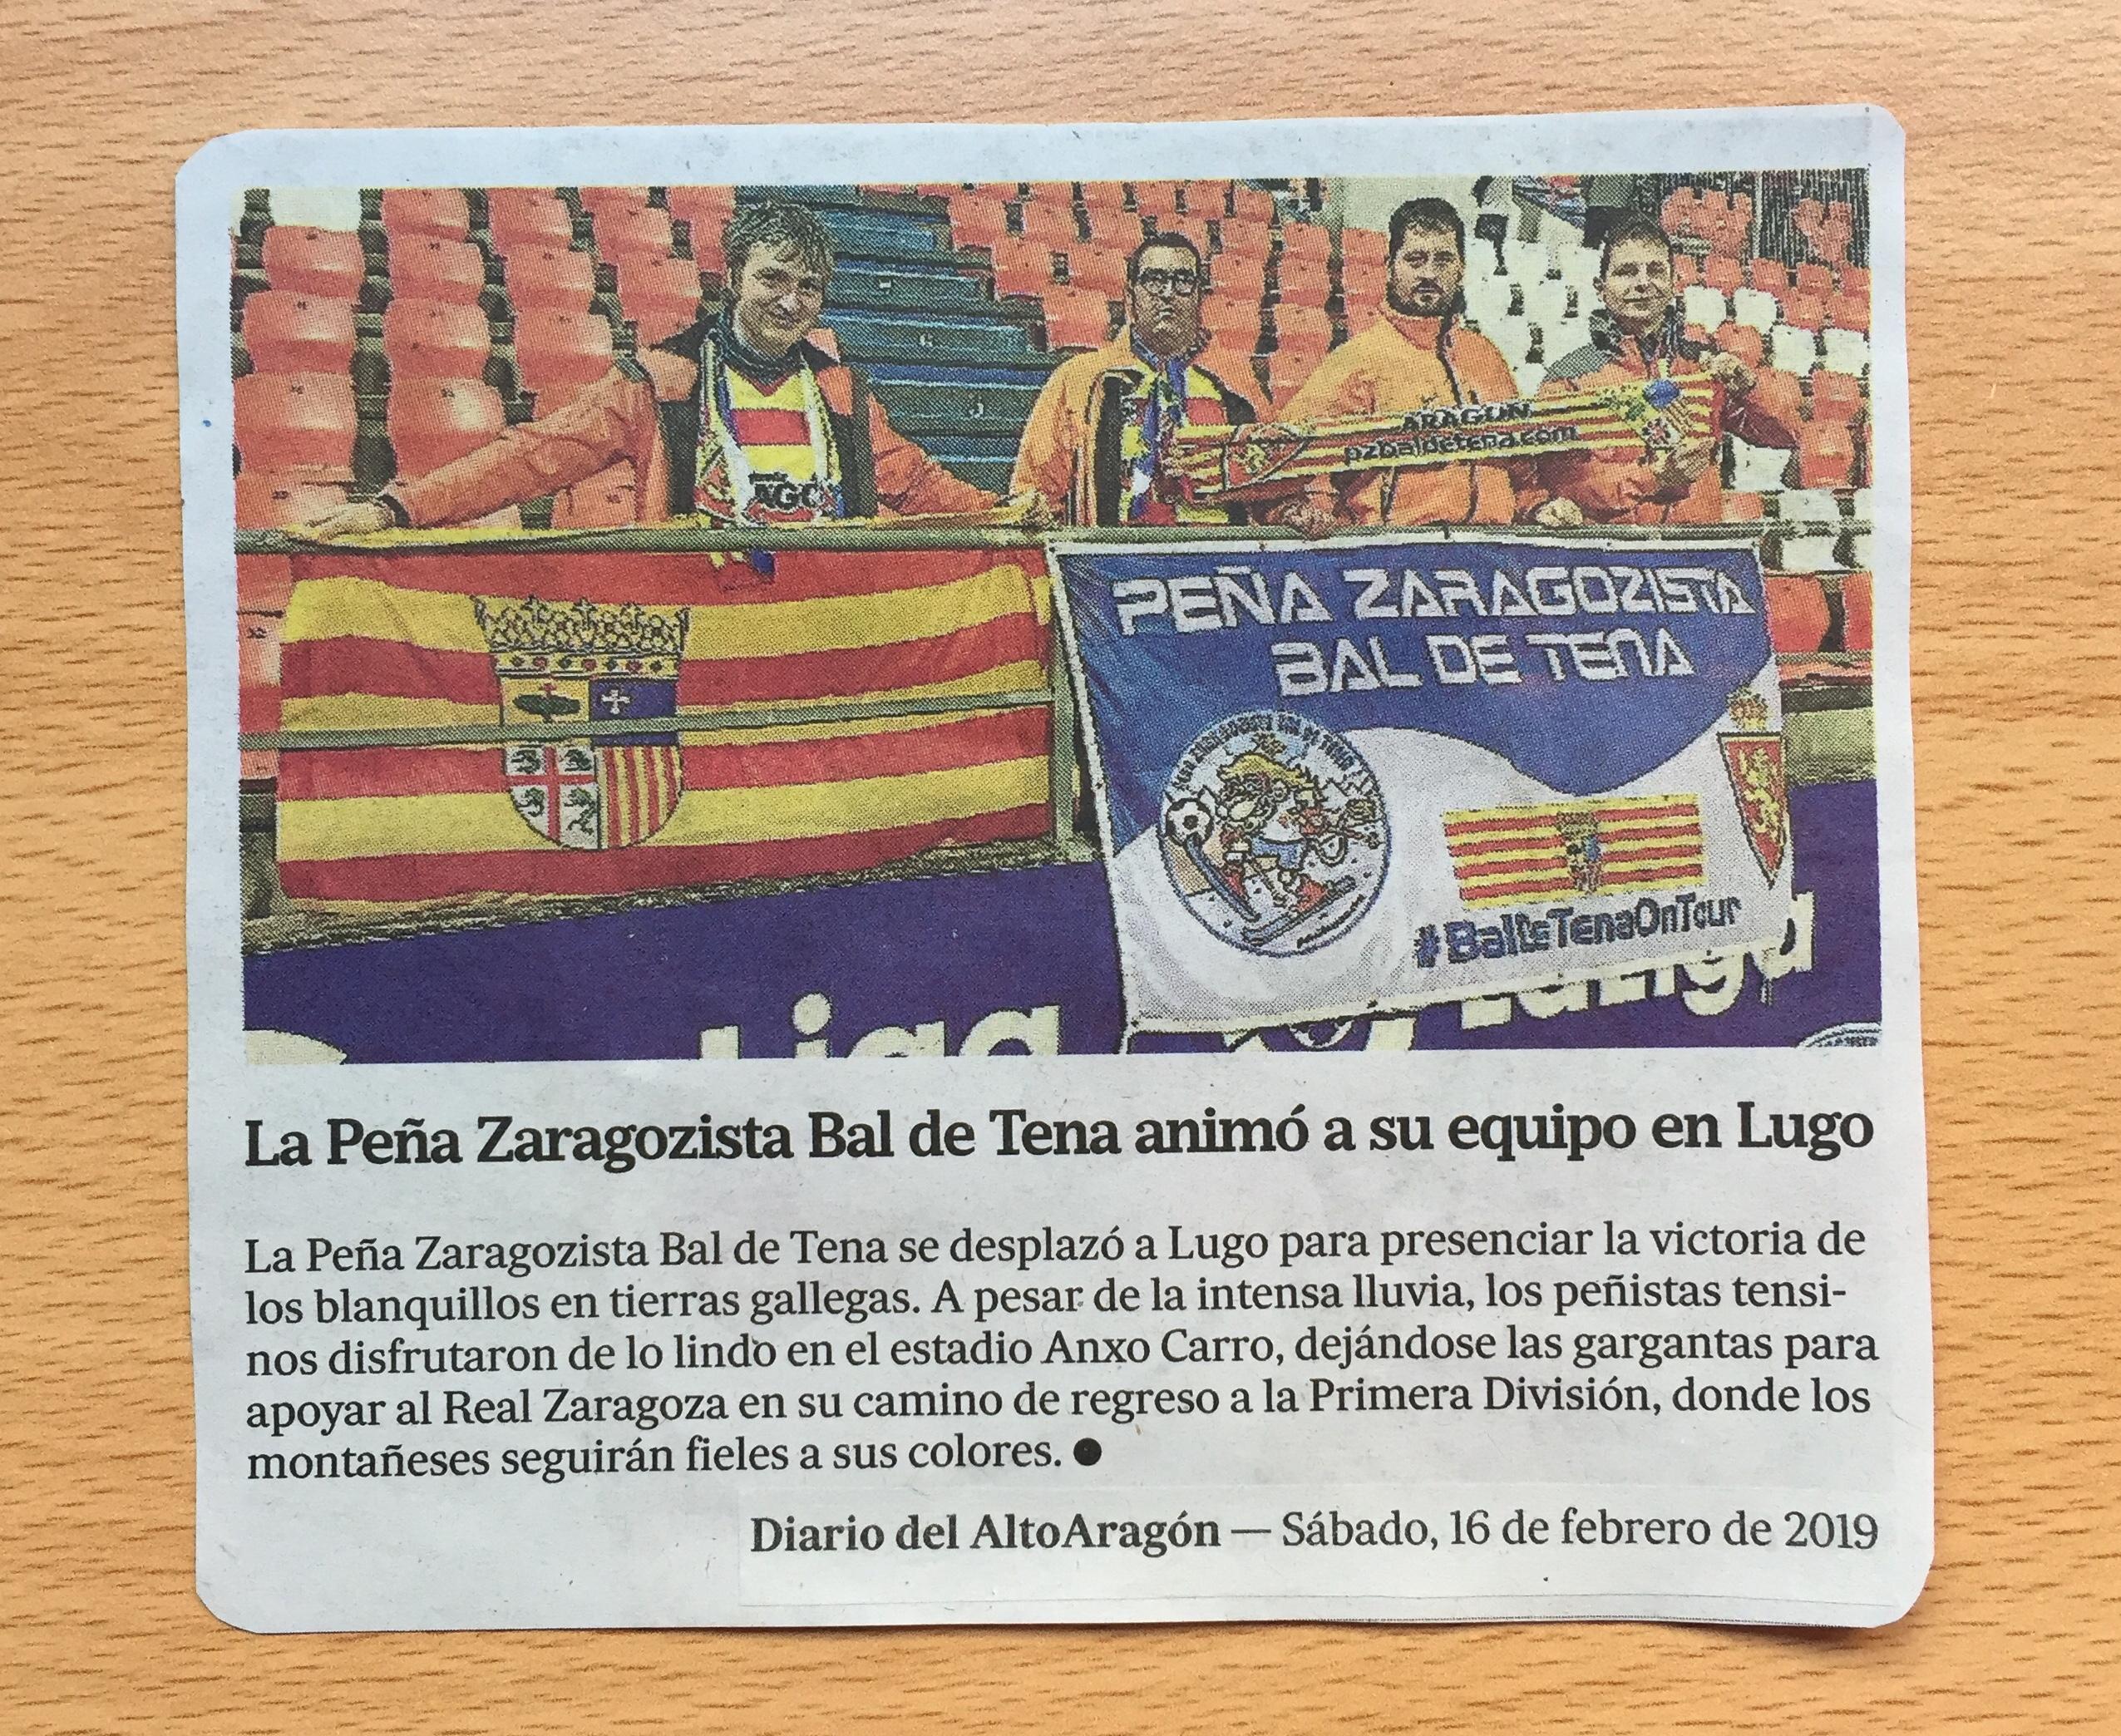 recorte prensa DA viaje lugo 09-02-19 - pzbaldetena.com